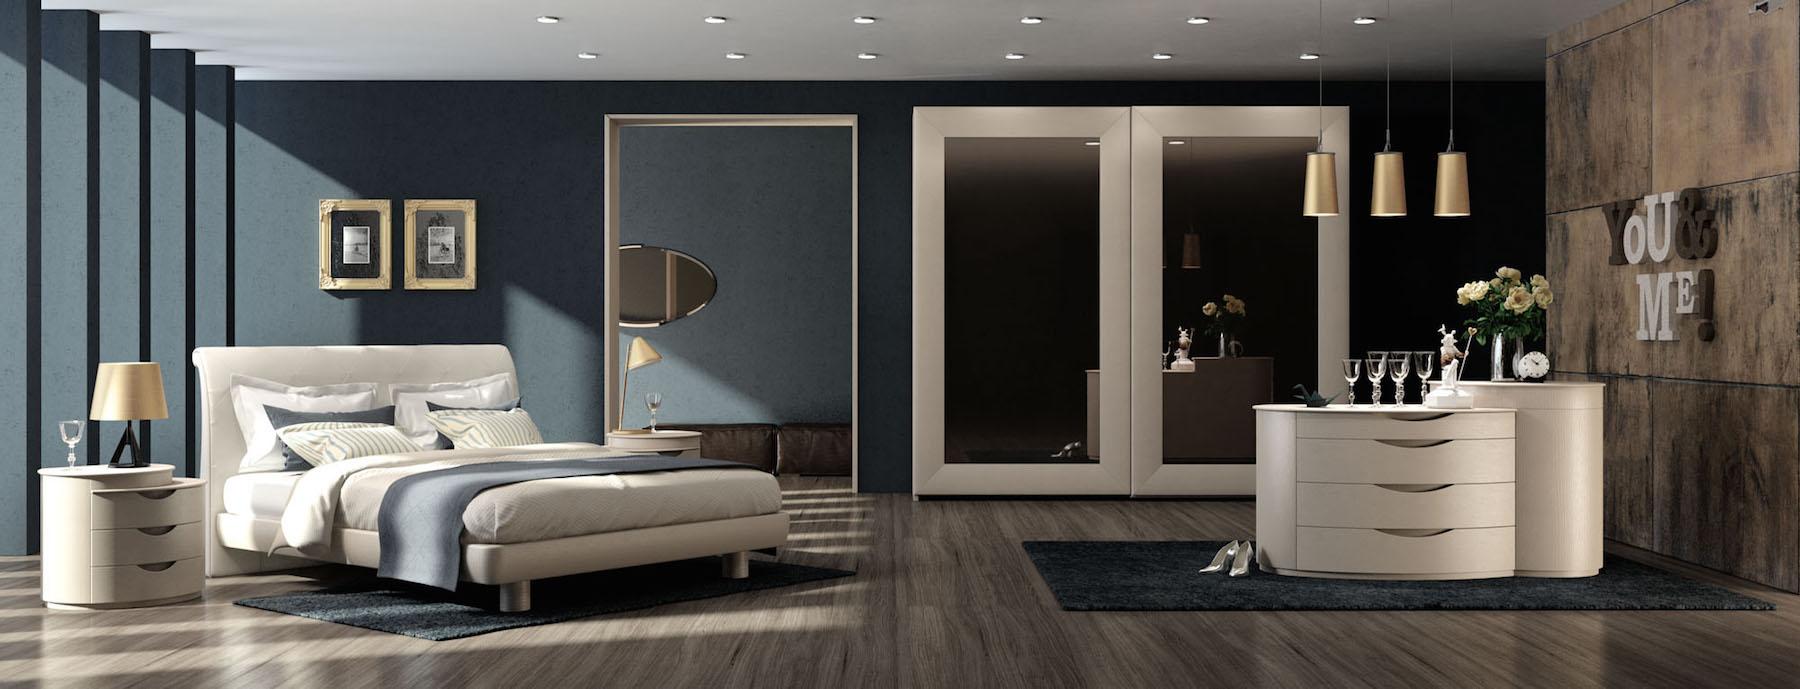 Prezzi Camere Da Letto Gotha mobili fazzini | cassettone e comodini marilyn glamour